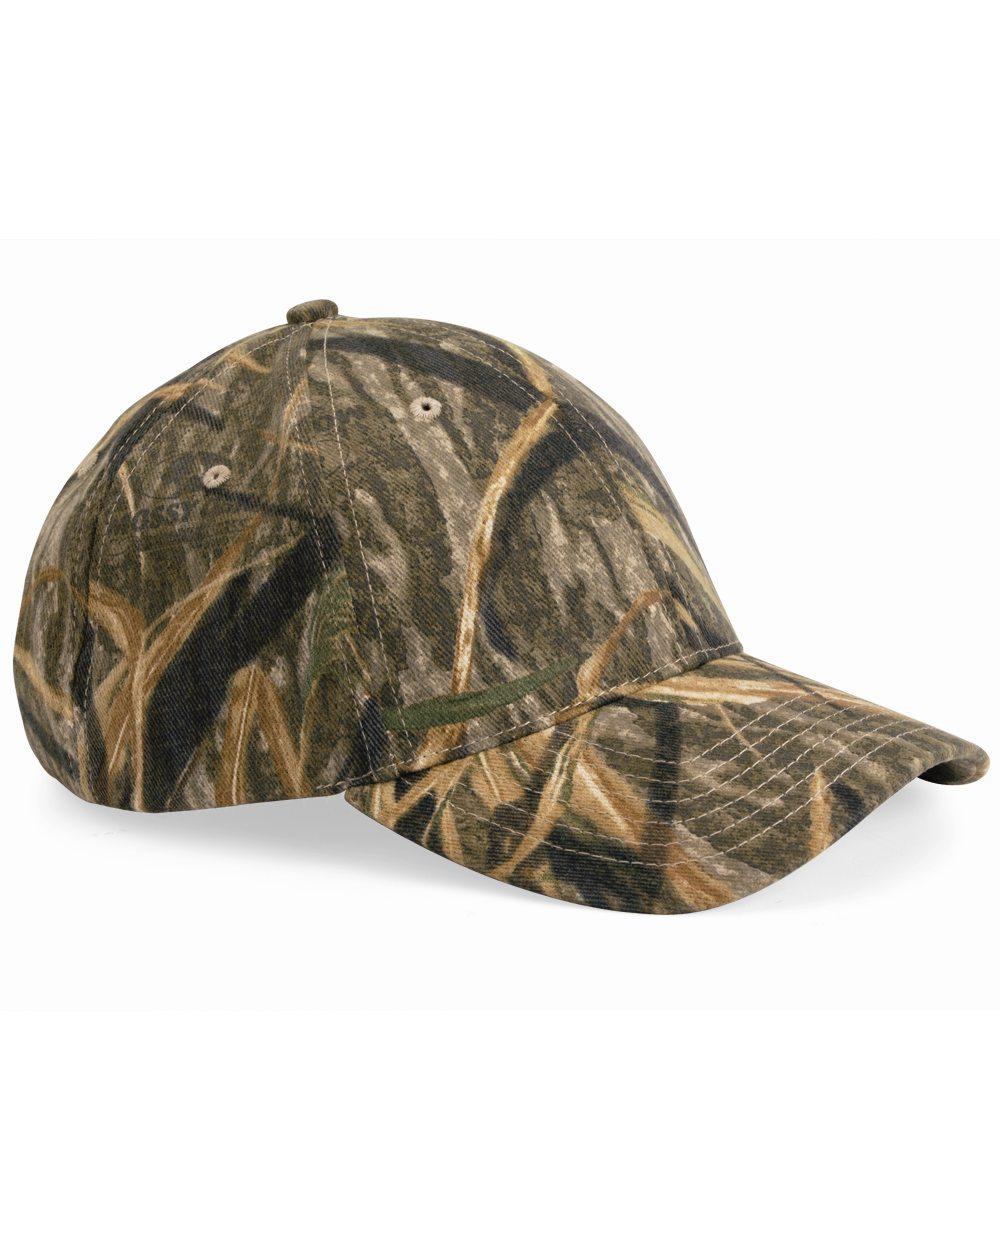 Kati Sport Caps Headwear From 2 56